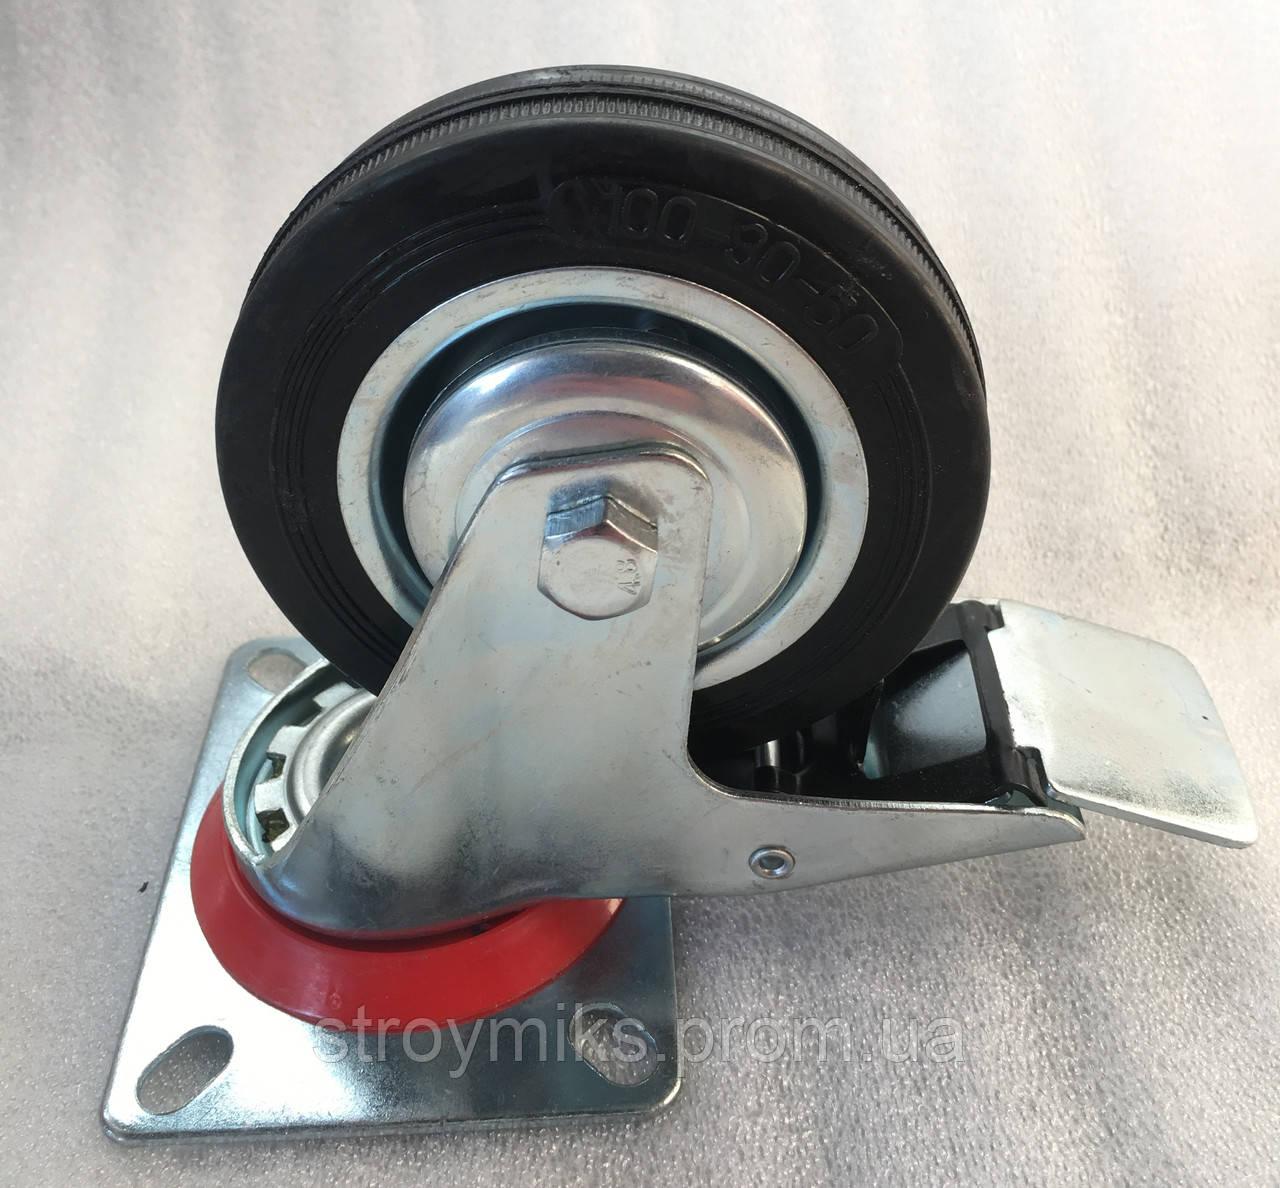 Колесо 100/30-50 с поворотным кронштейном и тормозом